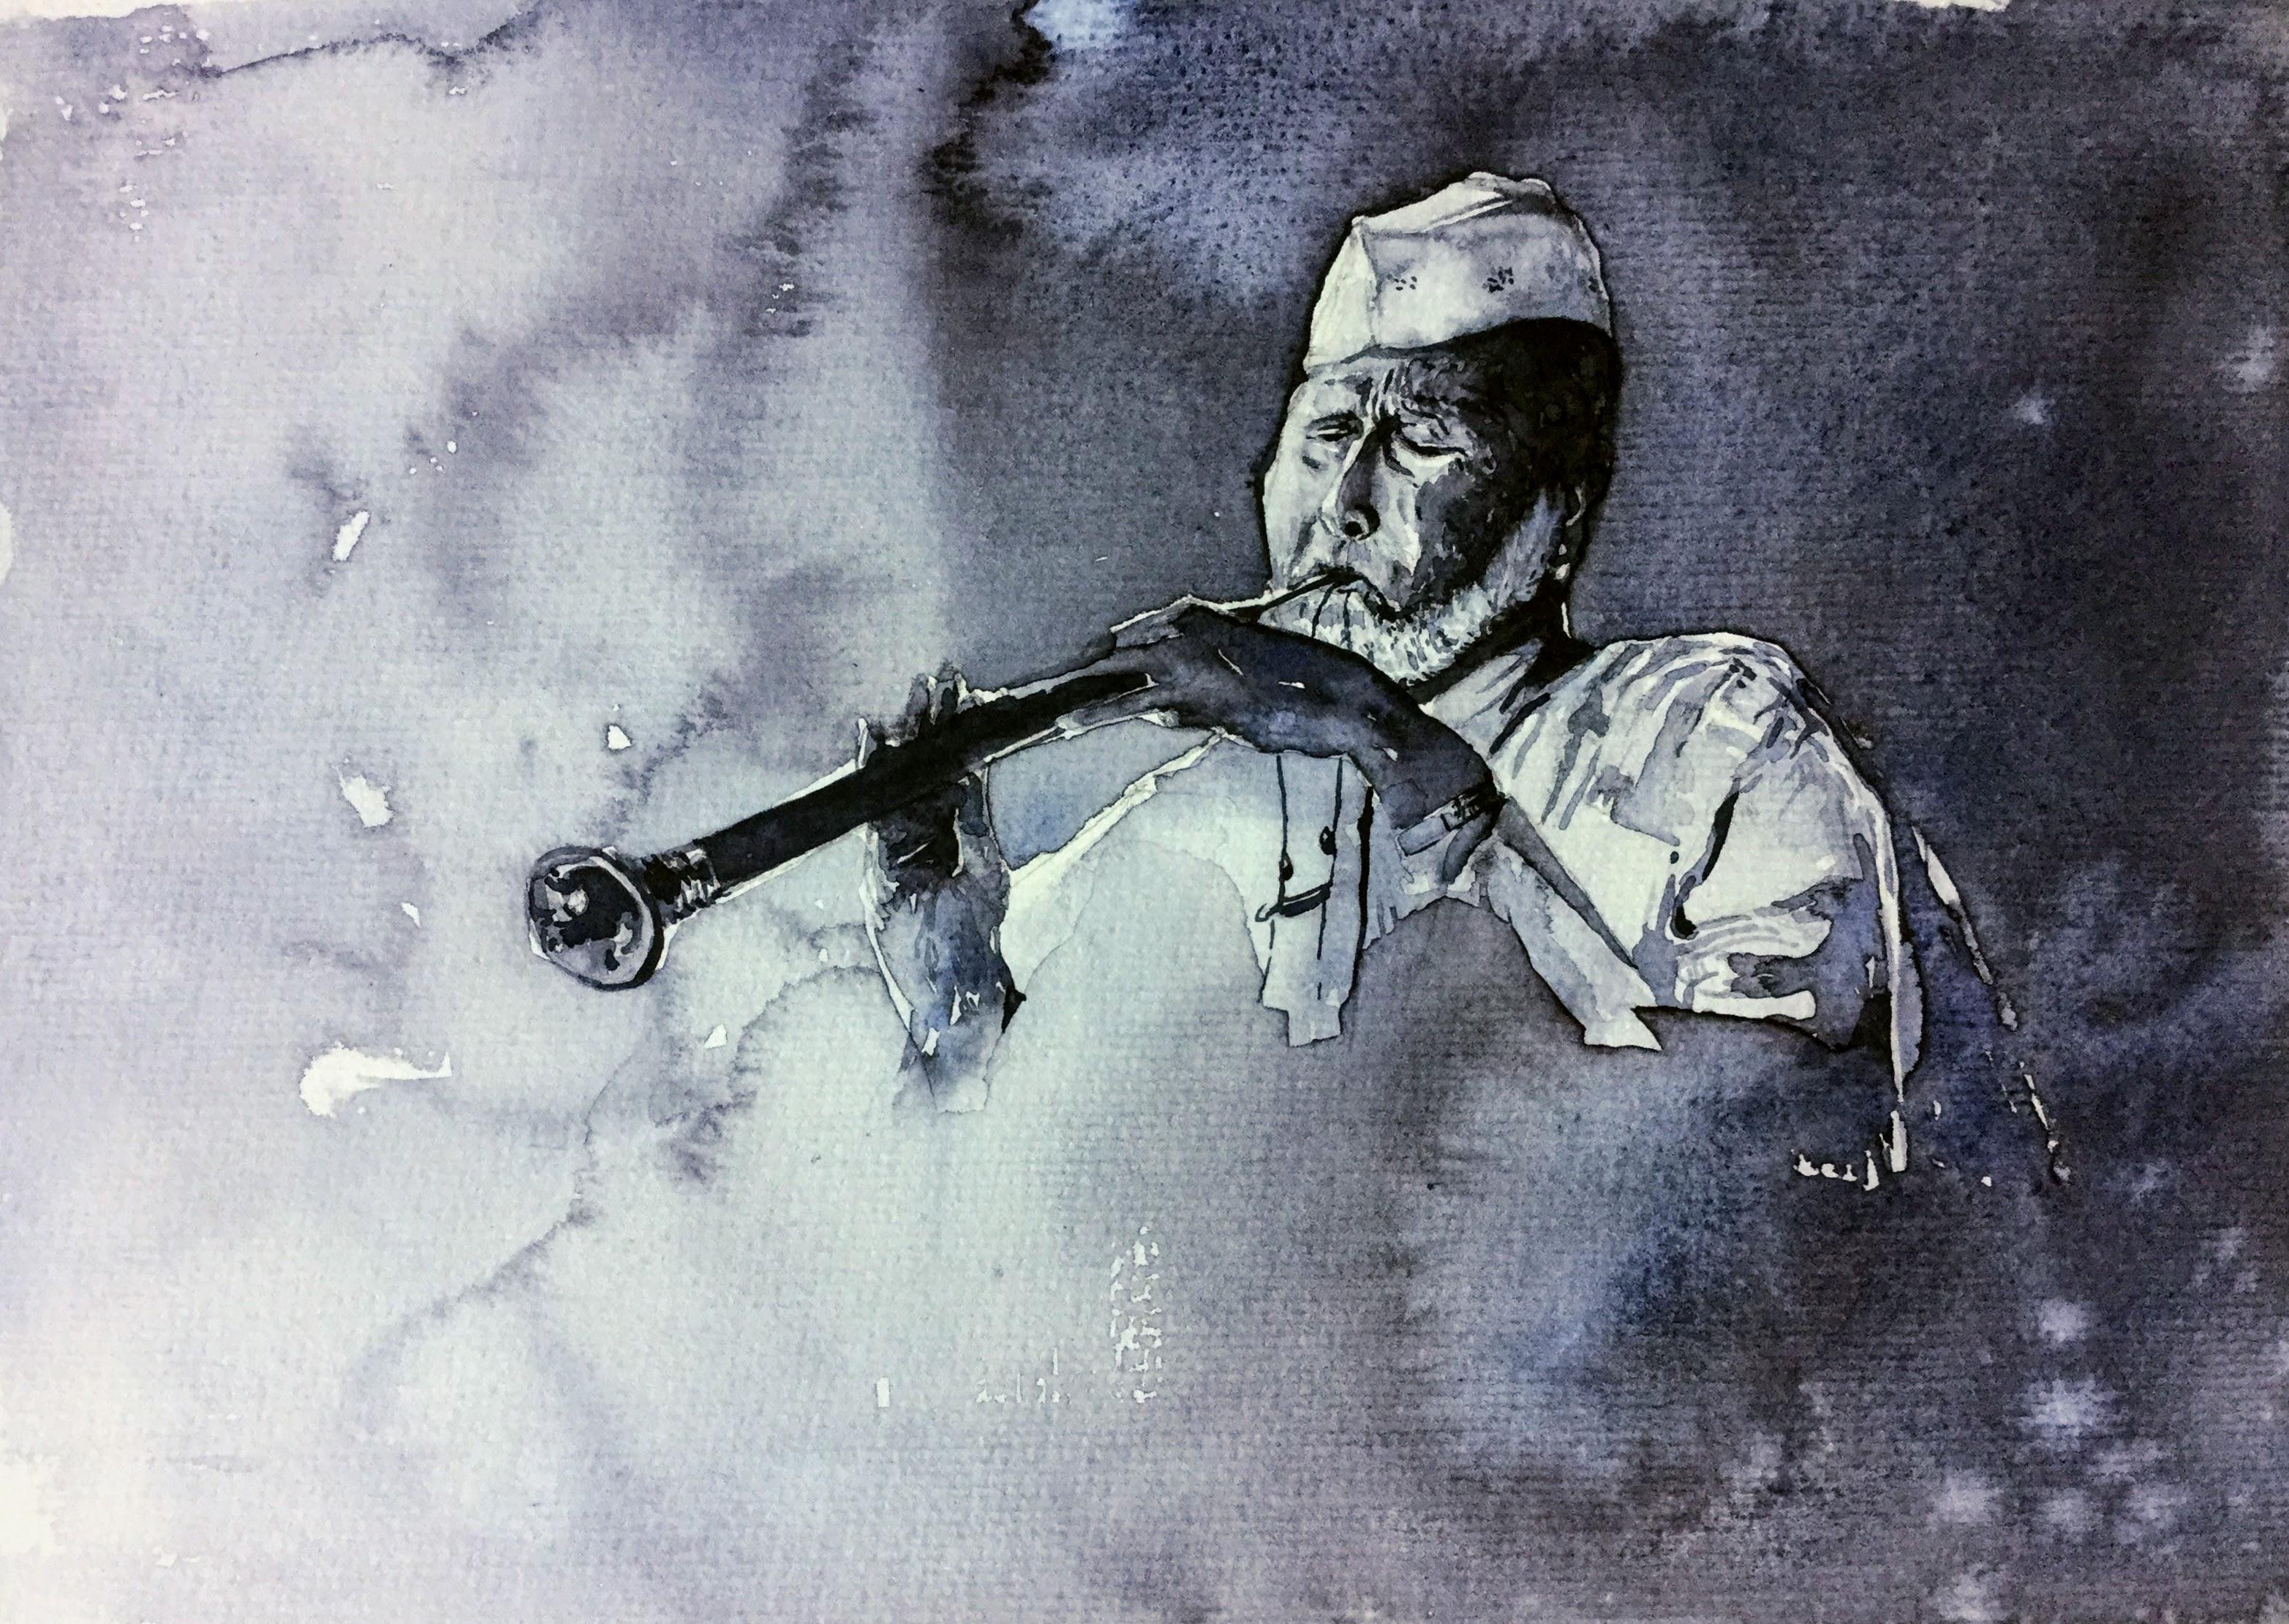 Legendary Ustad Bismillah Khan